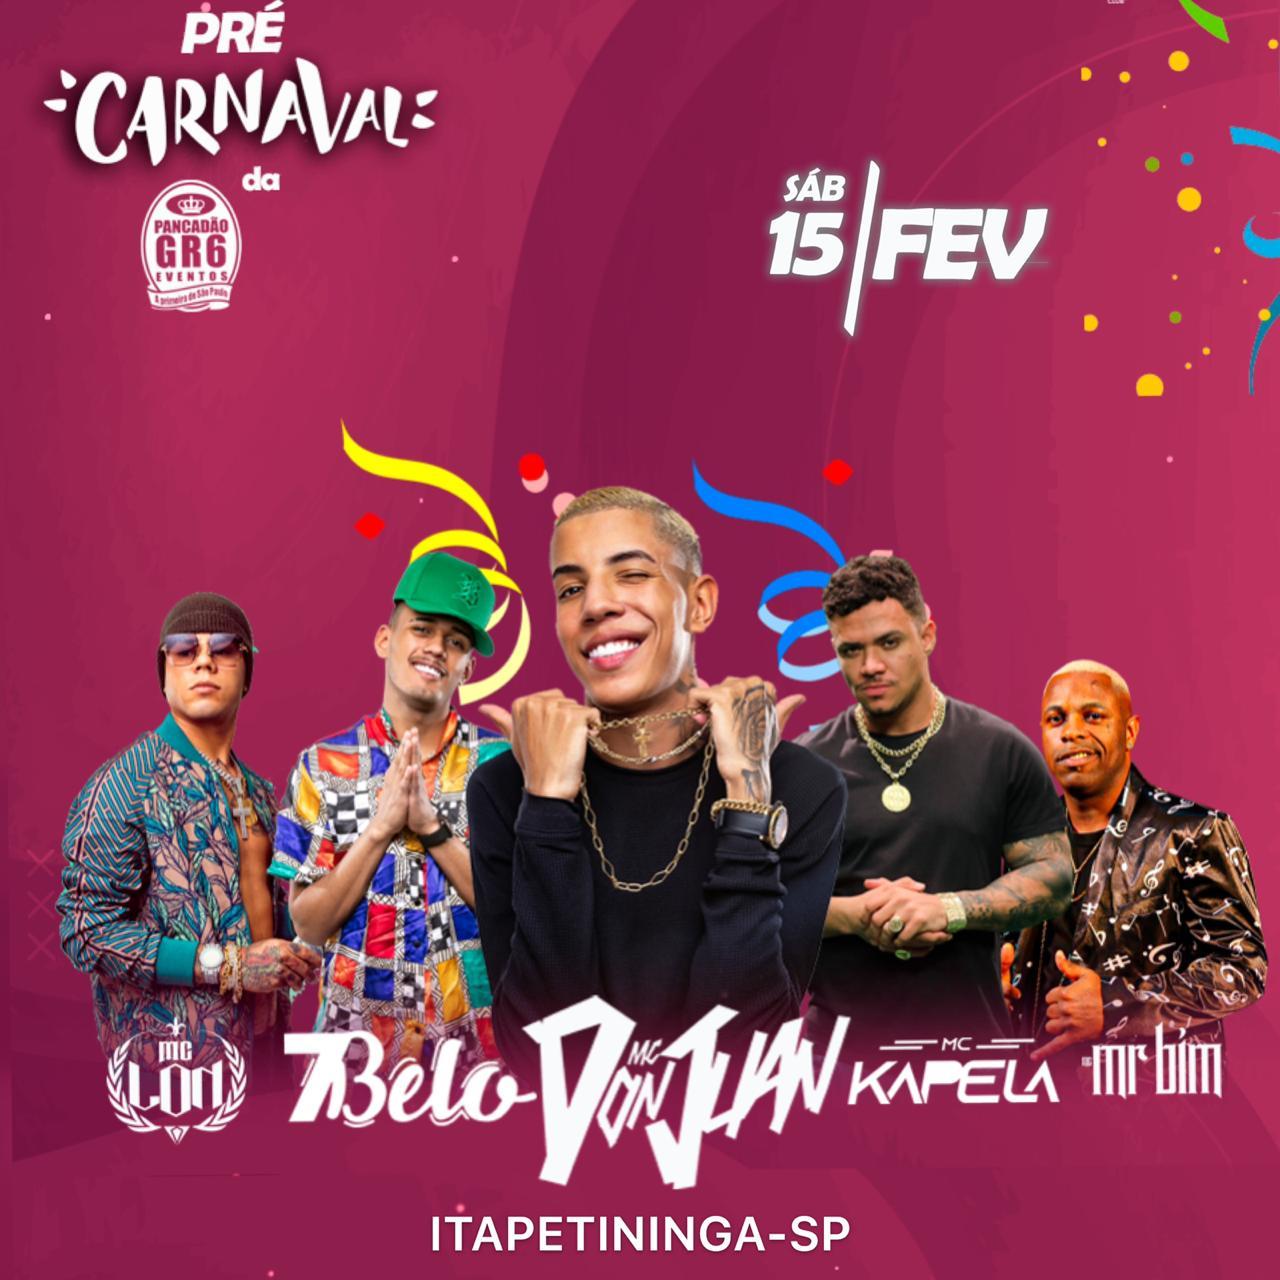 Pré Carnaval GR6 - 15/02/20 - Itapetininga - SP